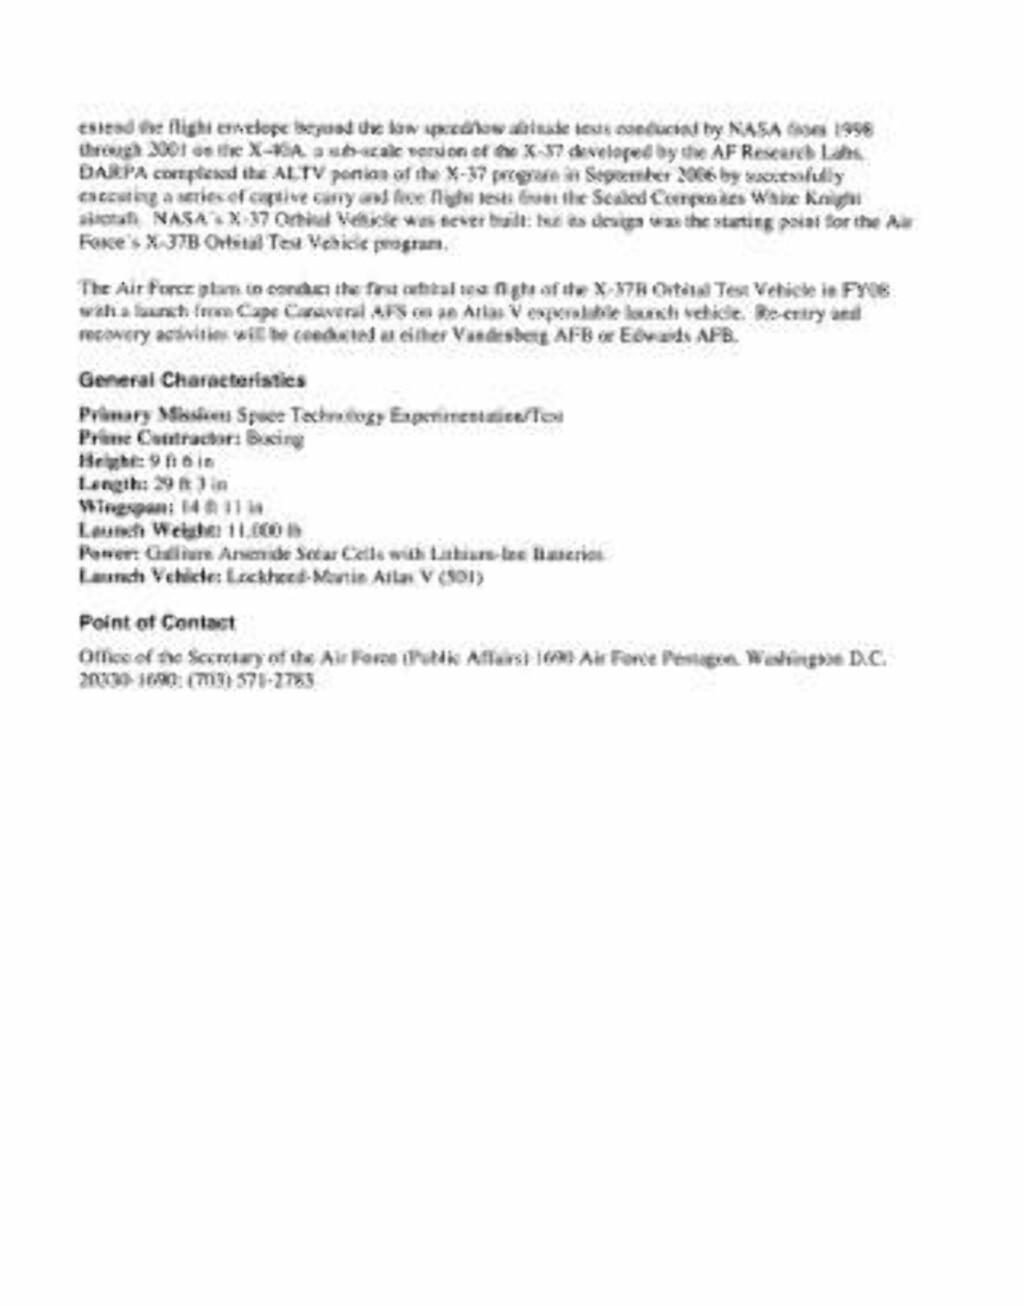 Se det offisielle faktaskrivet til romflyet som pdf her. Faksimile: U.S. Air Force